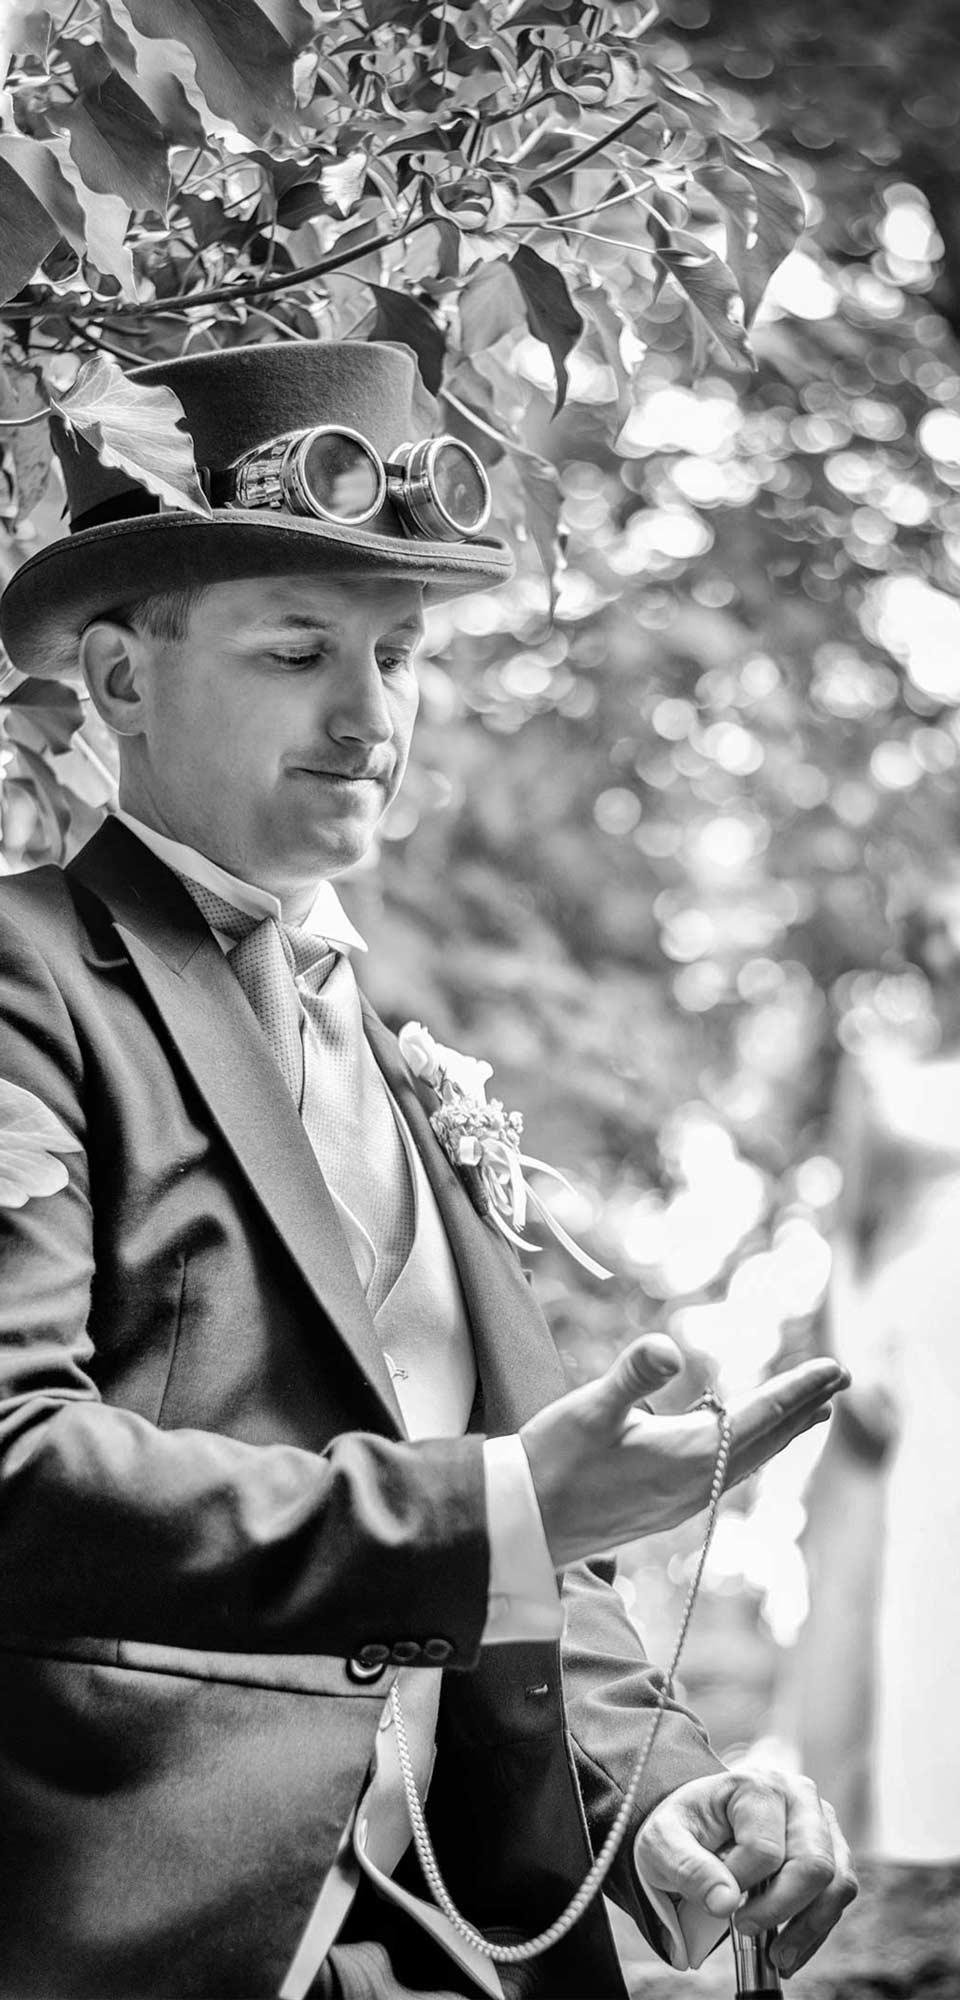 True-Creative-Agency-Hochzeitsfotografie-4-1